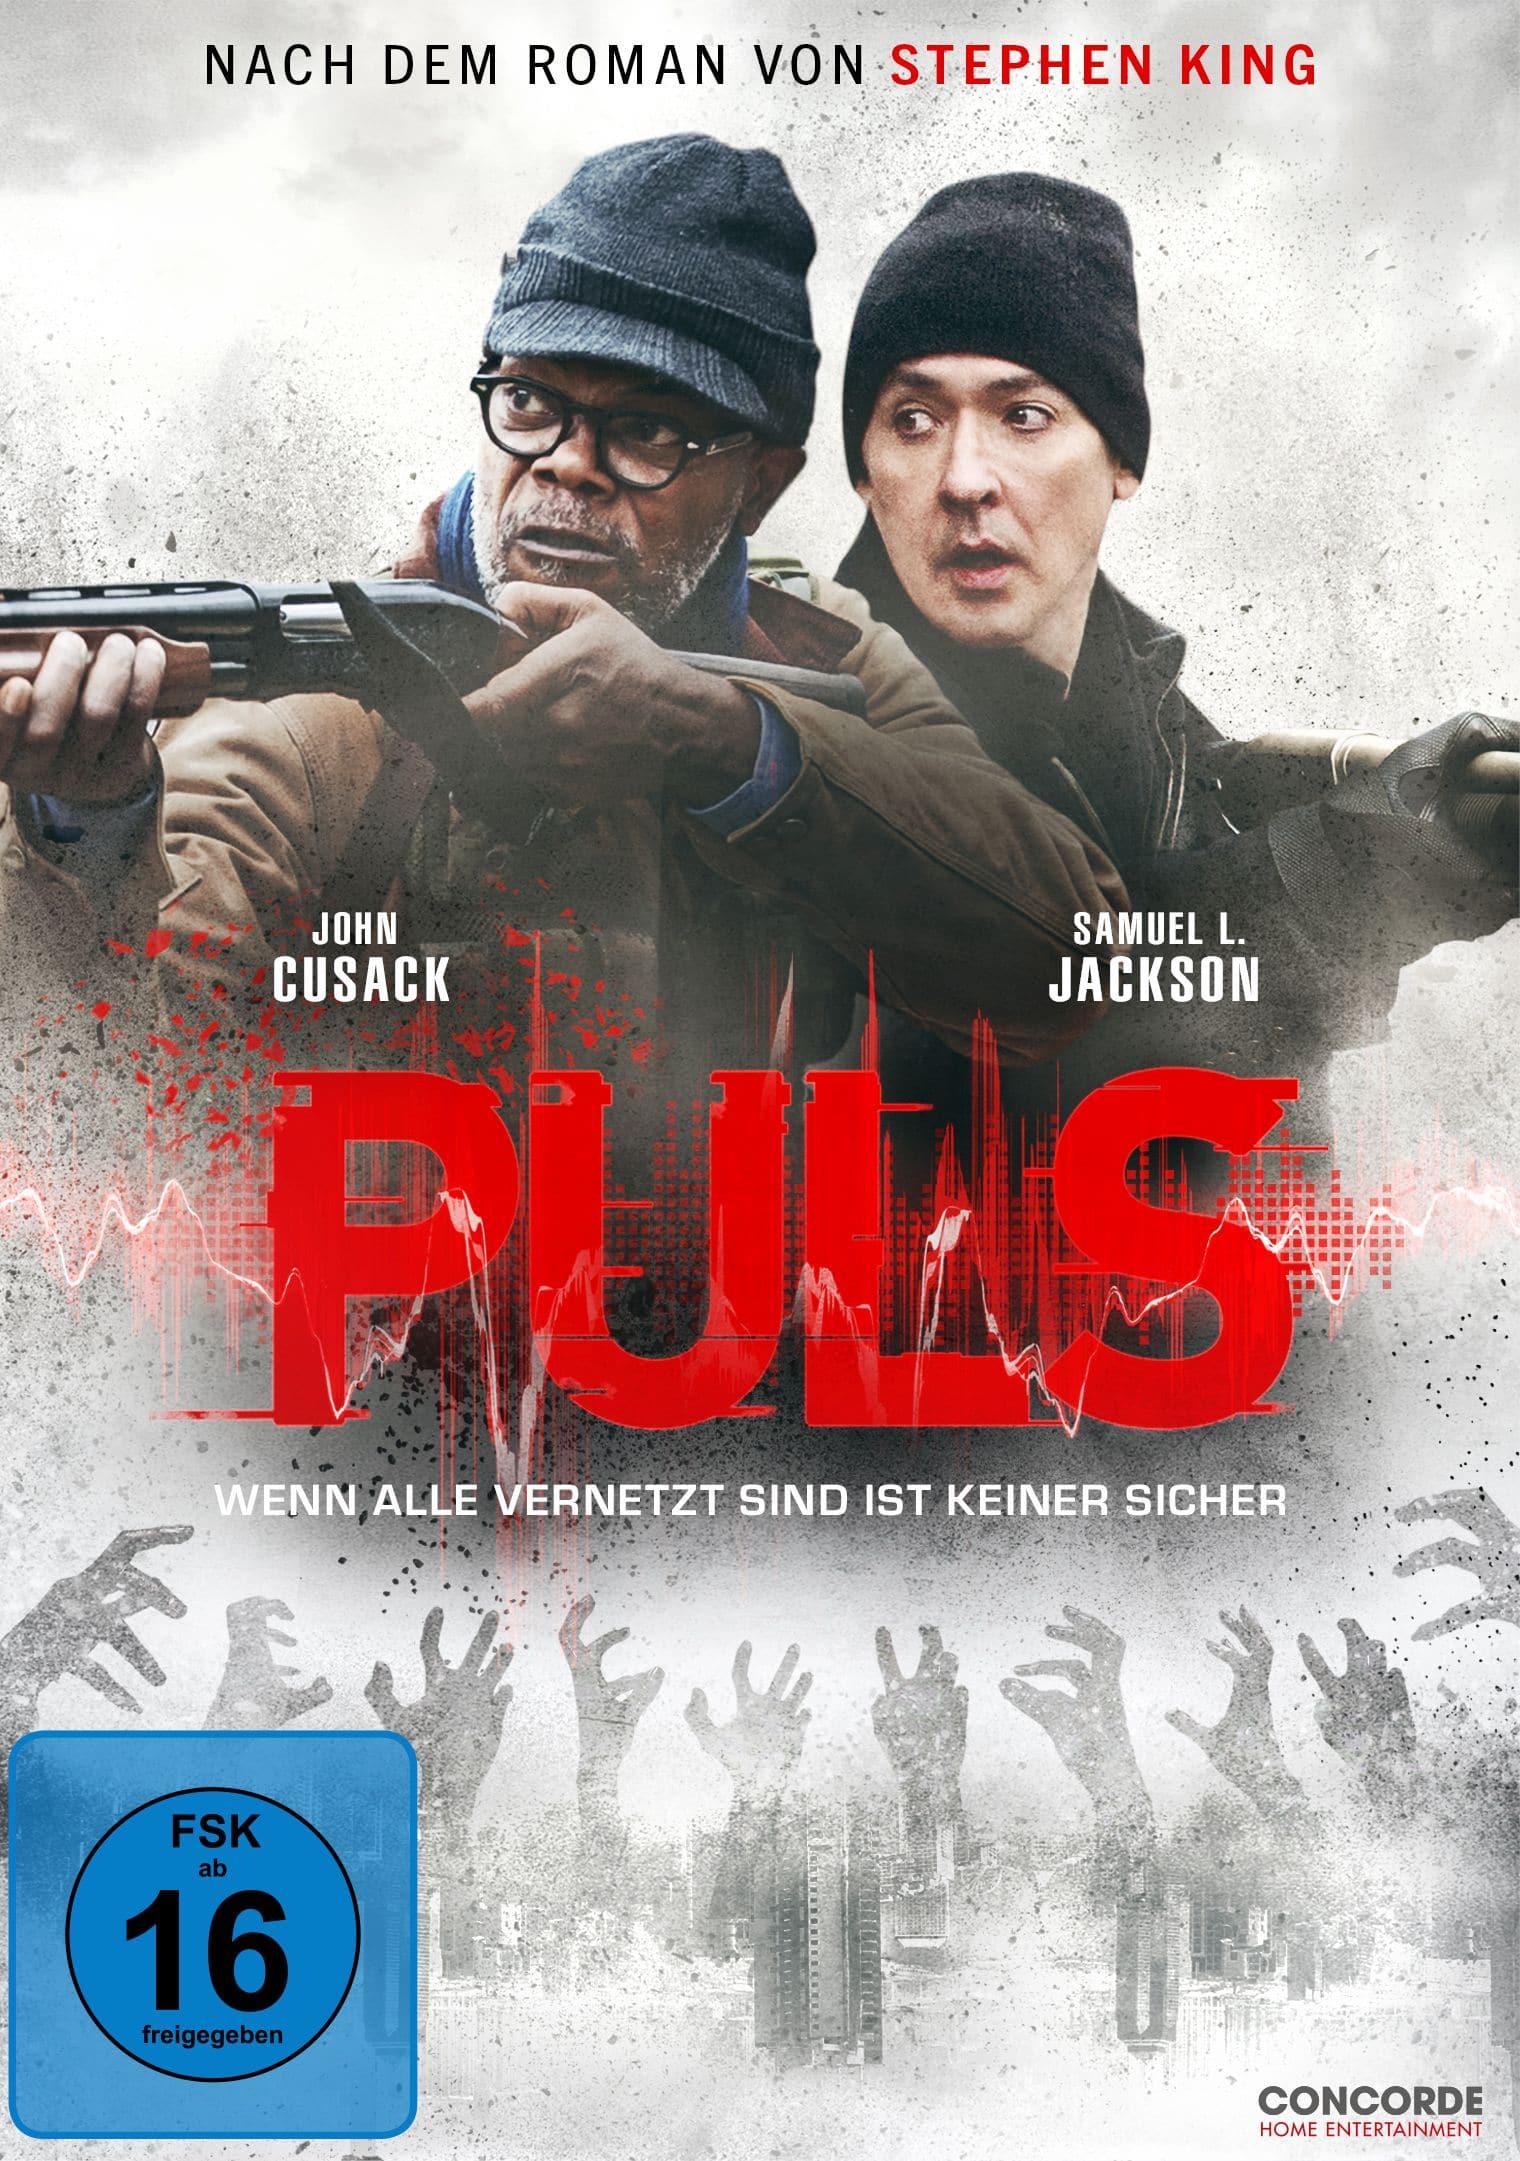 Puls Film